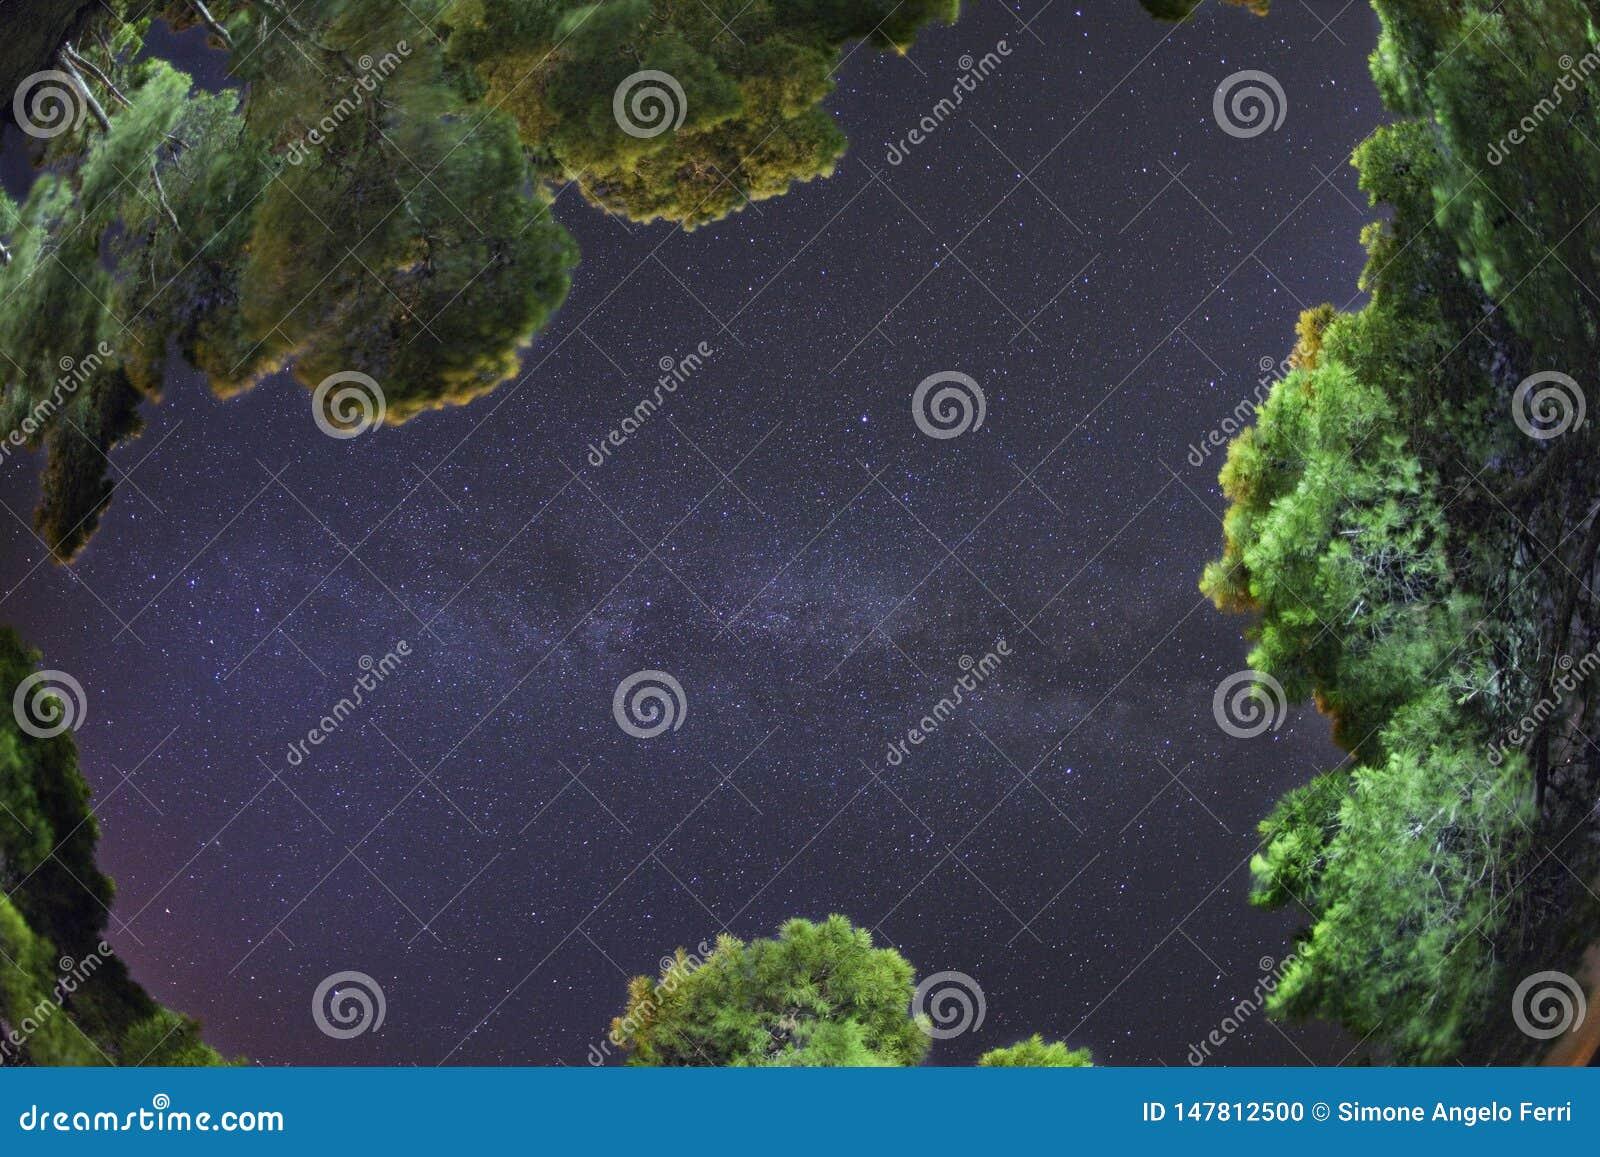 Rybiego oka obiektyw na drodze mlecznej między sosny San domina lasową wyspą Tremiti archipelag Apulia, Włochy to jest realem